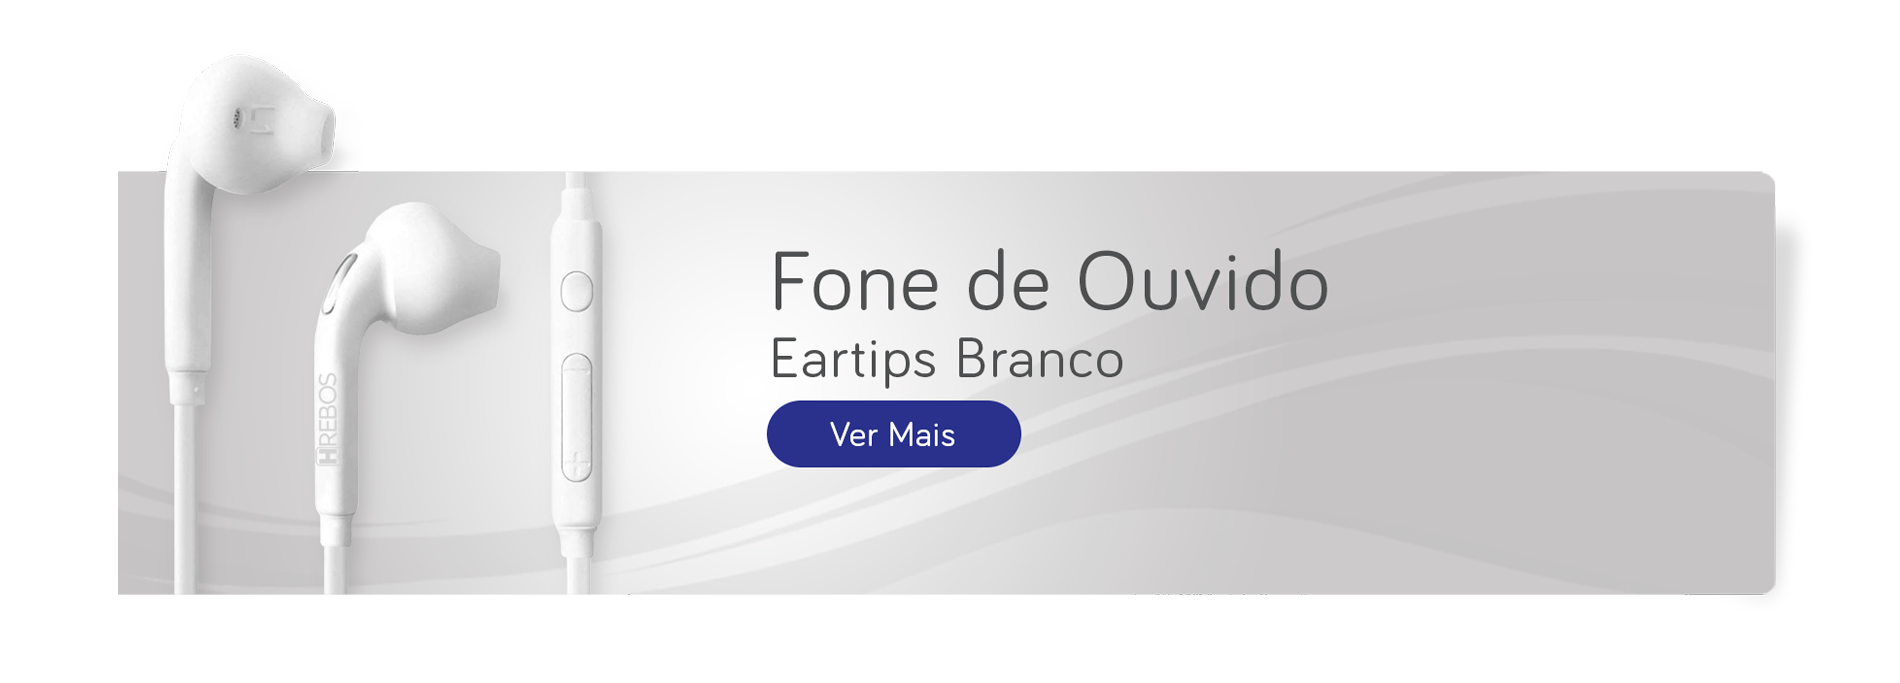 banner-fone-de-ouvido-Eartips-branco